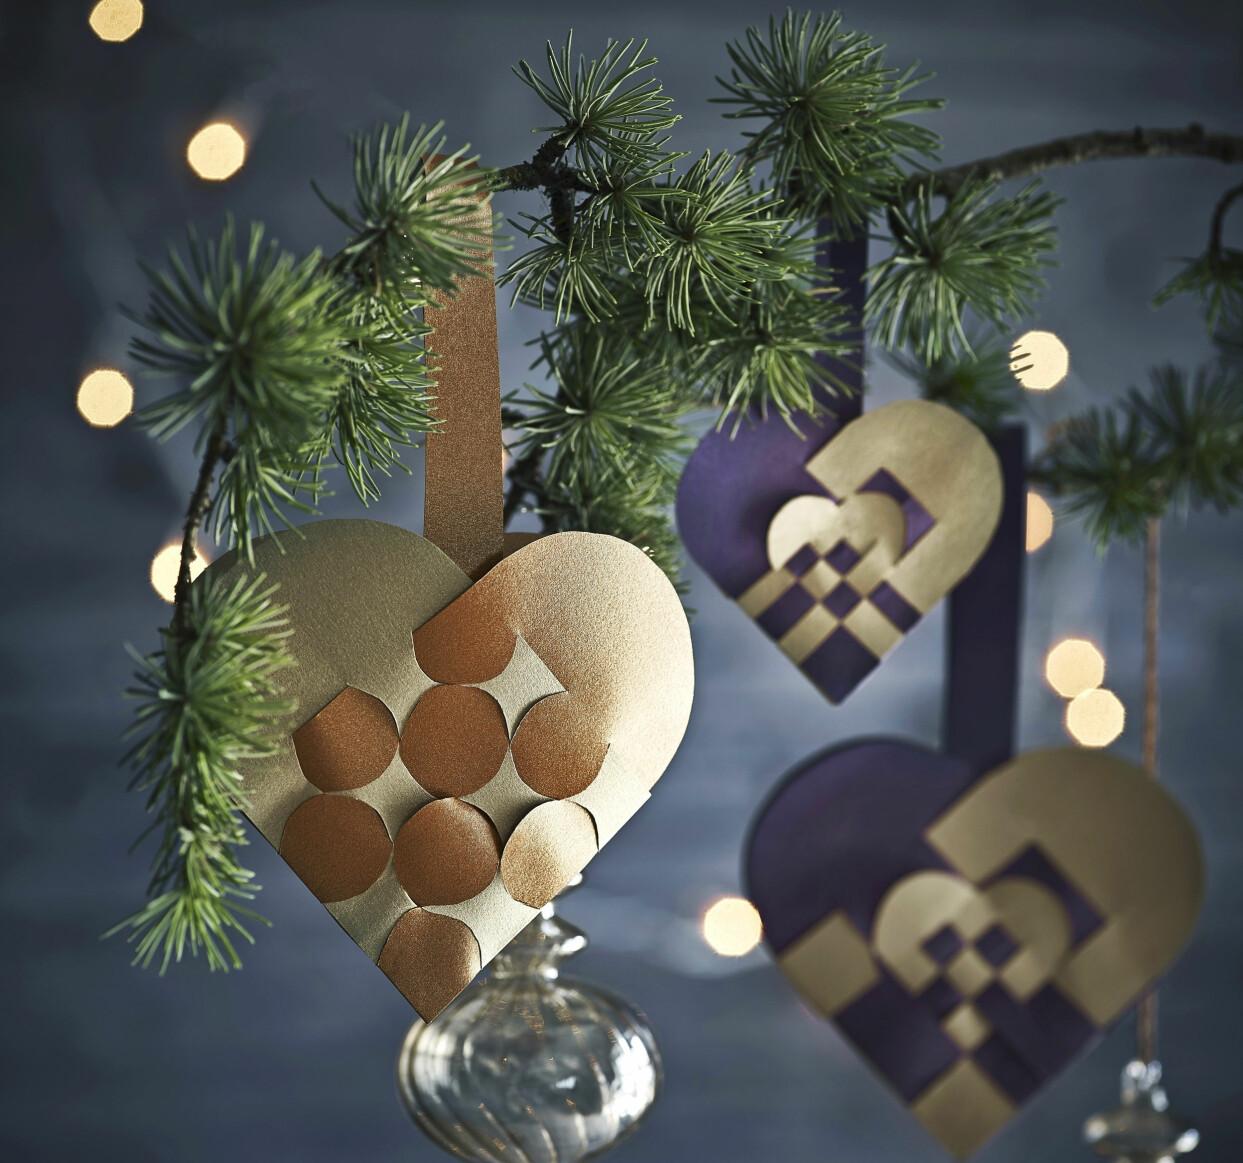 Flätade pappershjärtan som hänger i en kvist från en julgran.